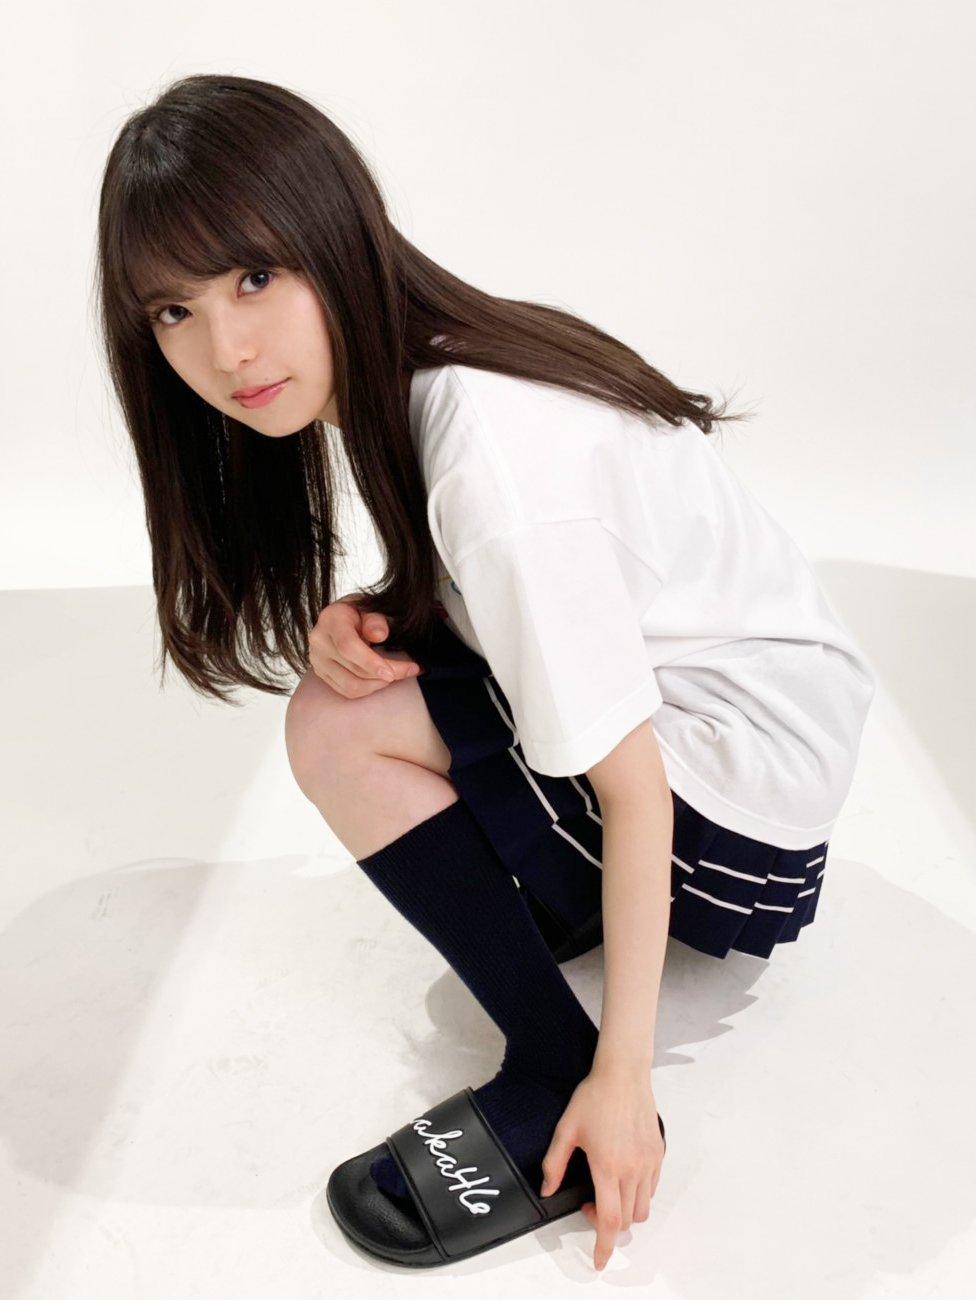 乃木坂46 シャワーサンダル